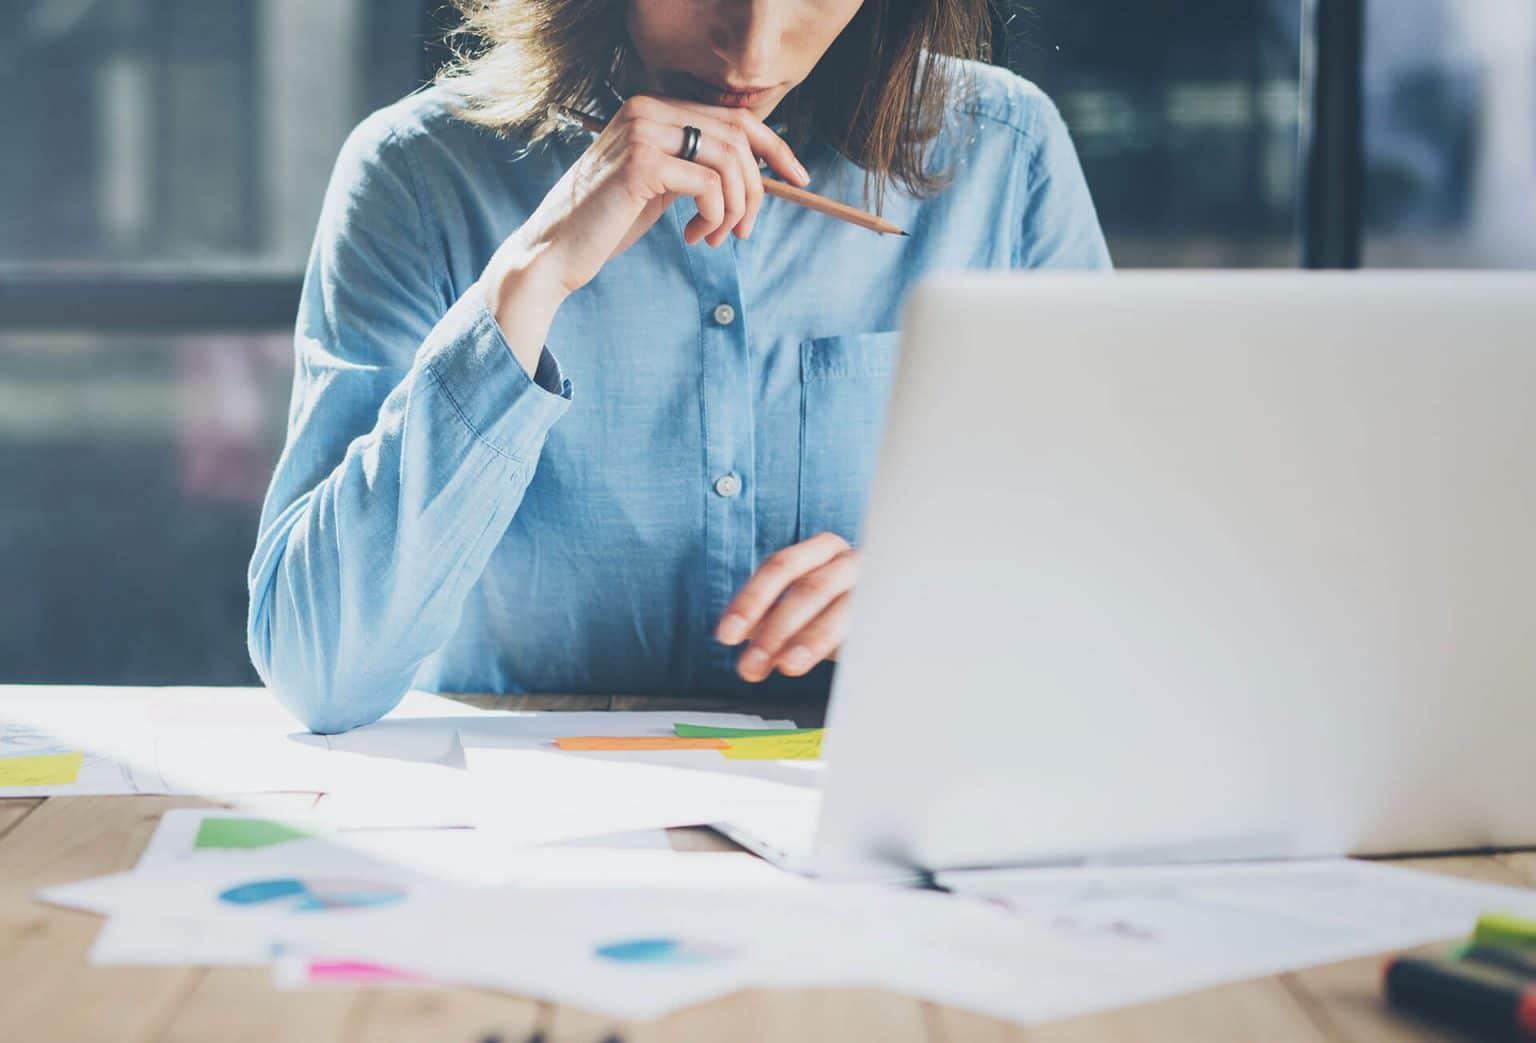 10 étapes pour démarrer votre entreprise